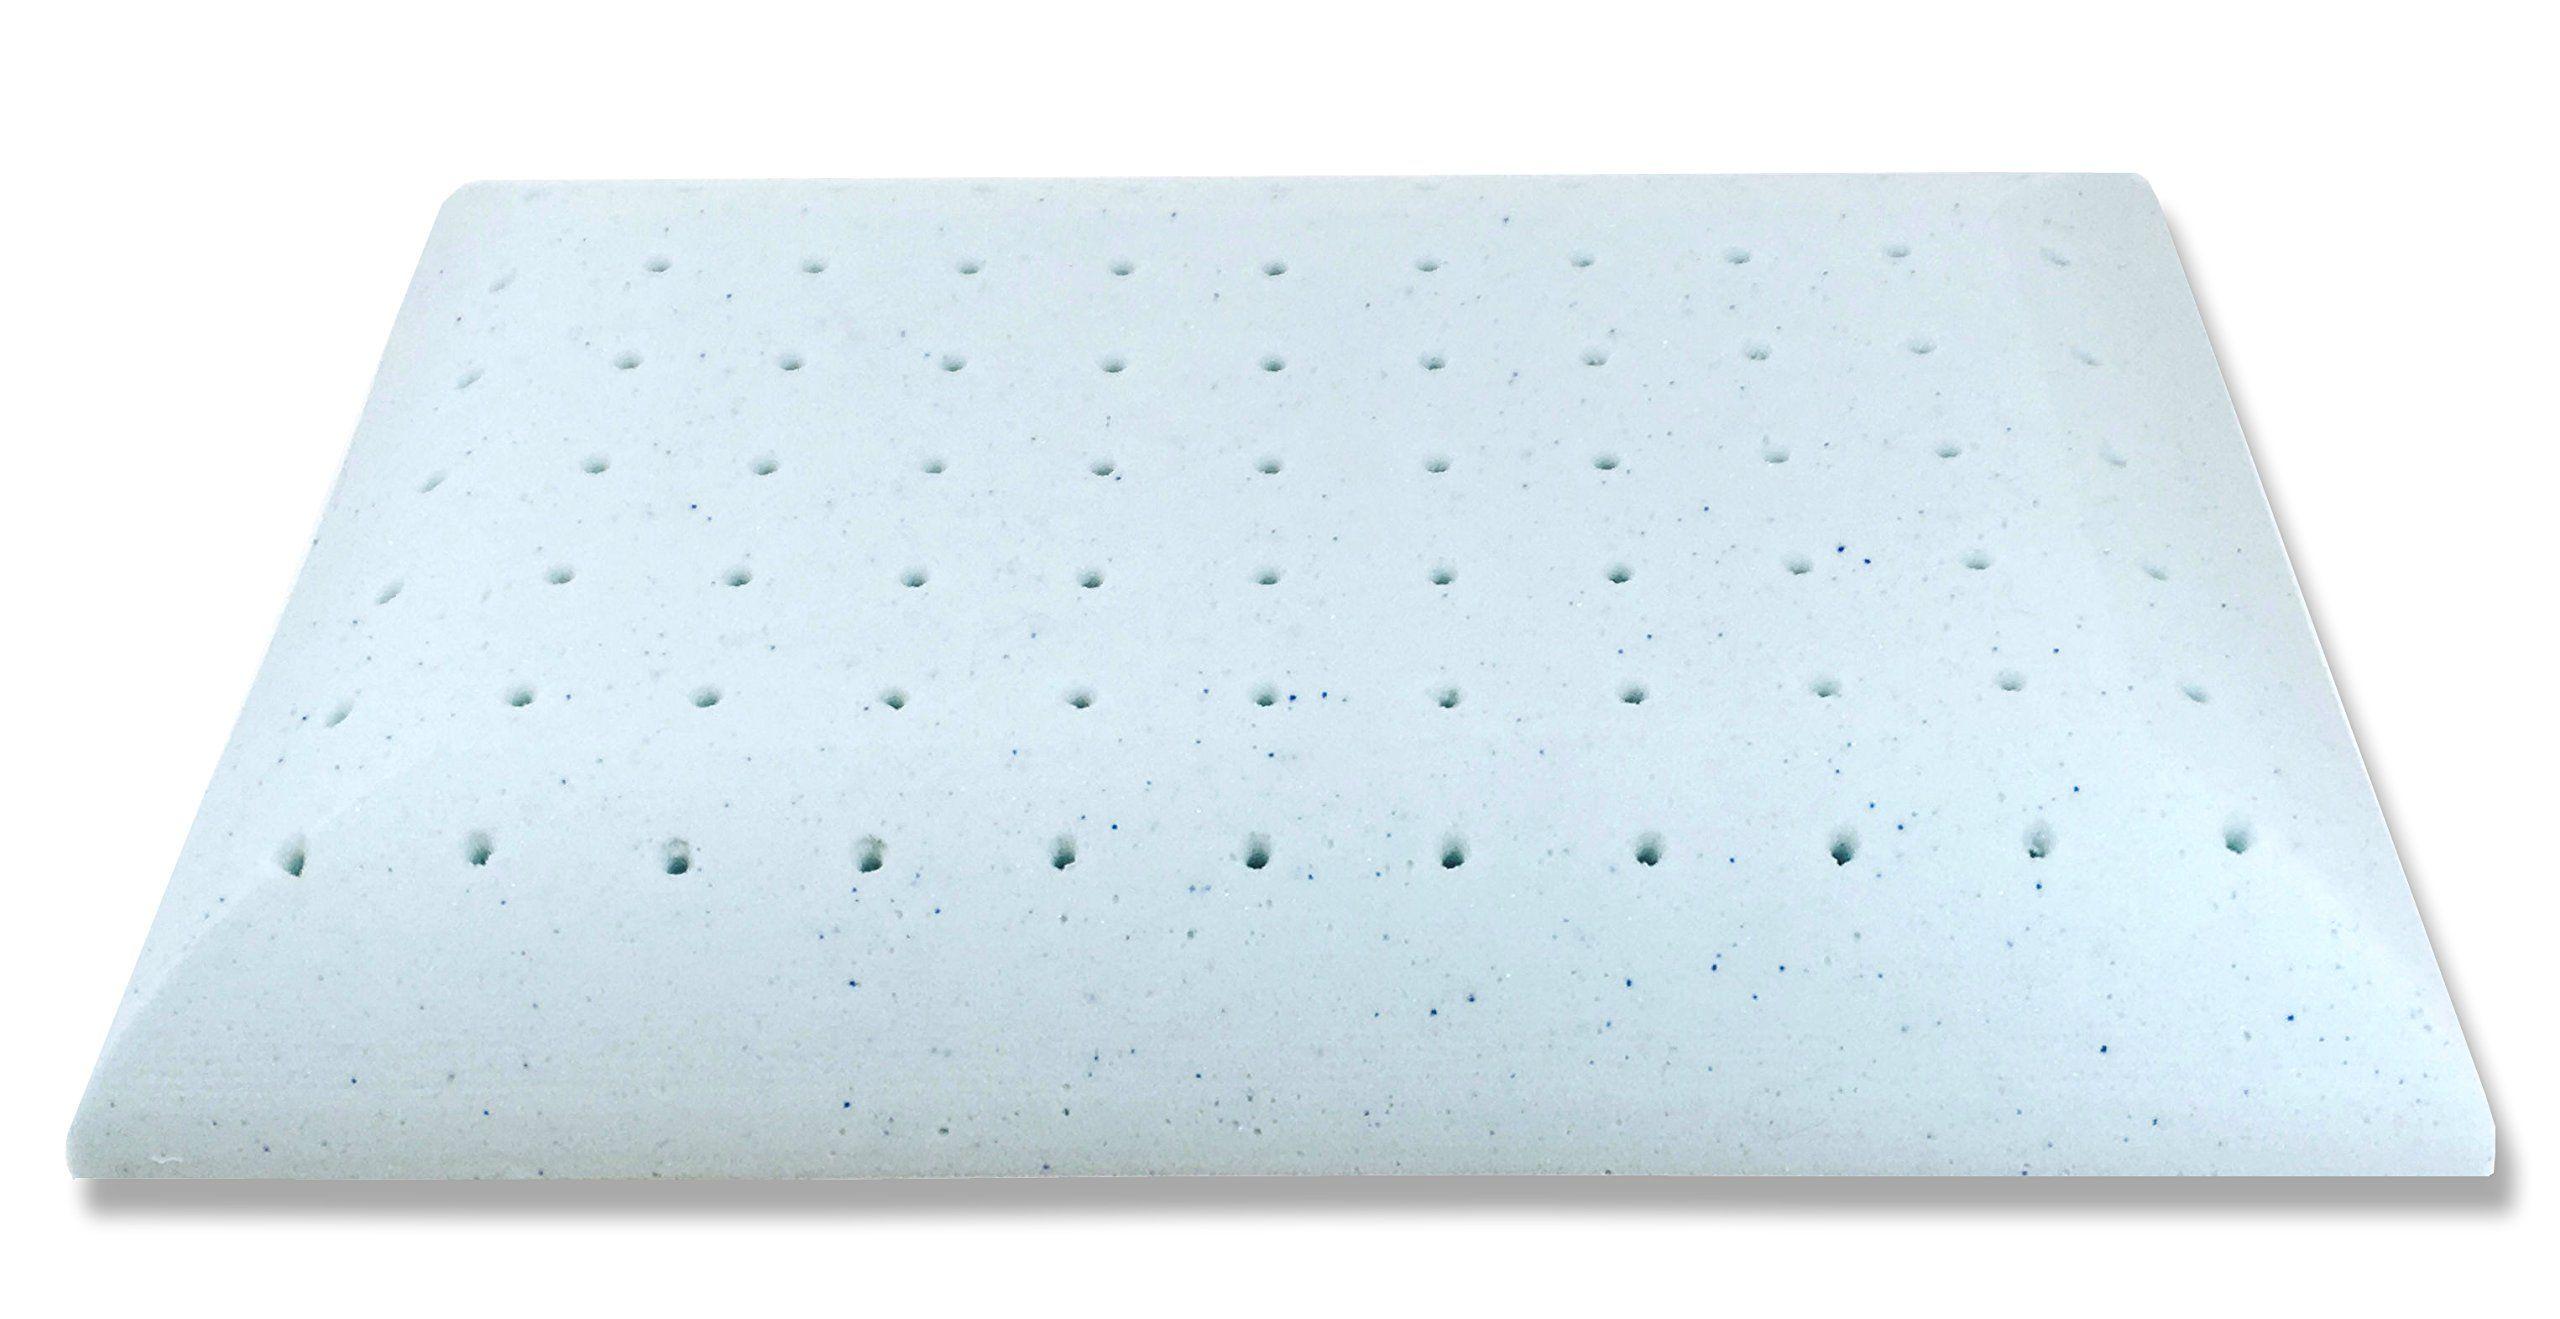 bluewave bedding ultra slim gelinfused